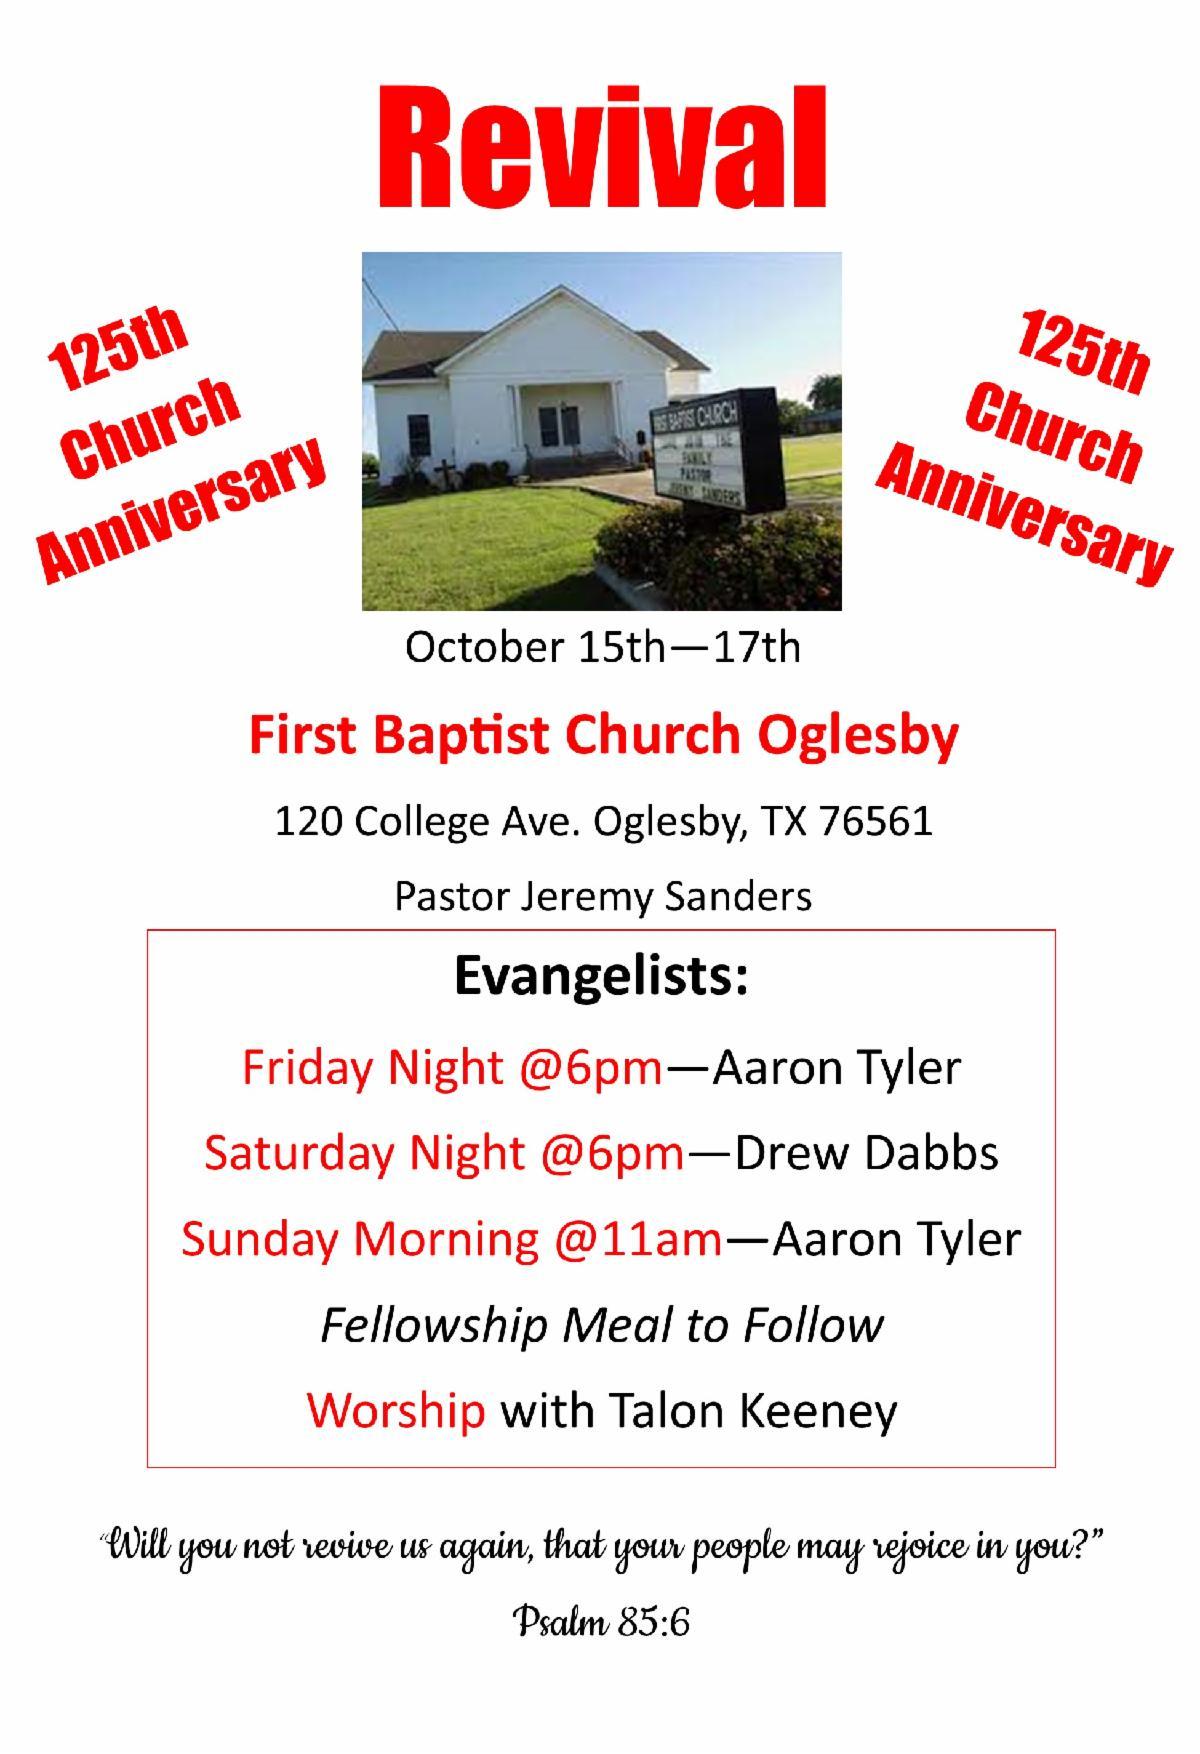 FBC Oglesby Poster Revival.jpg